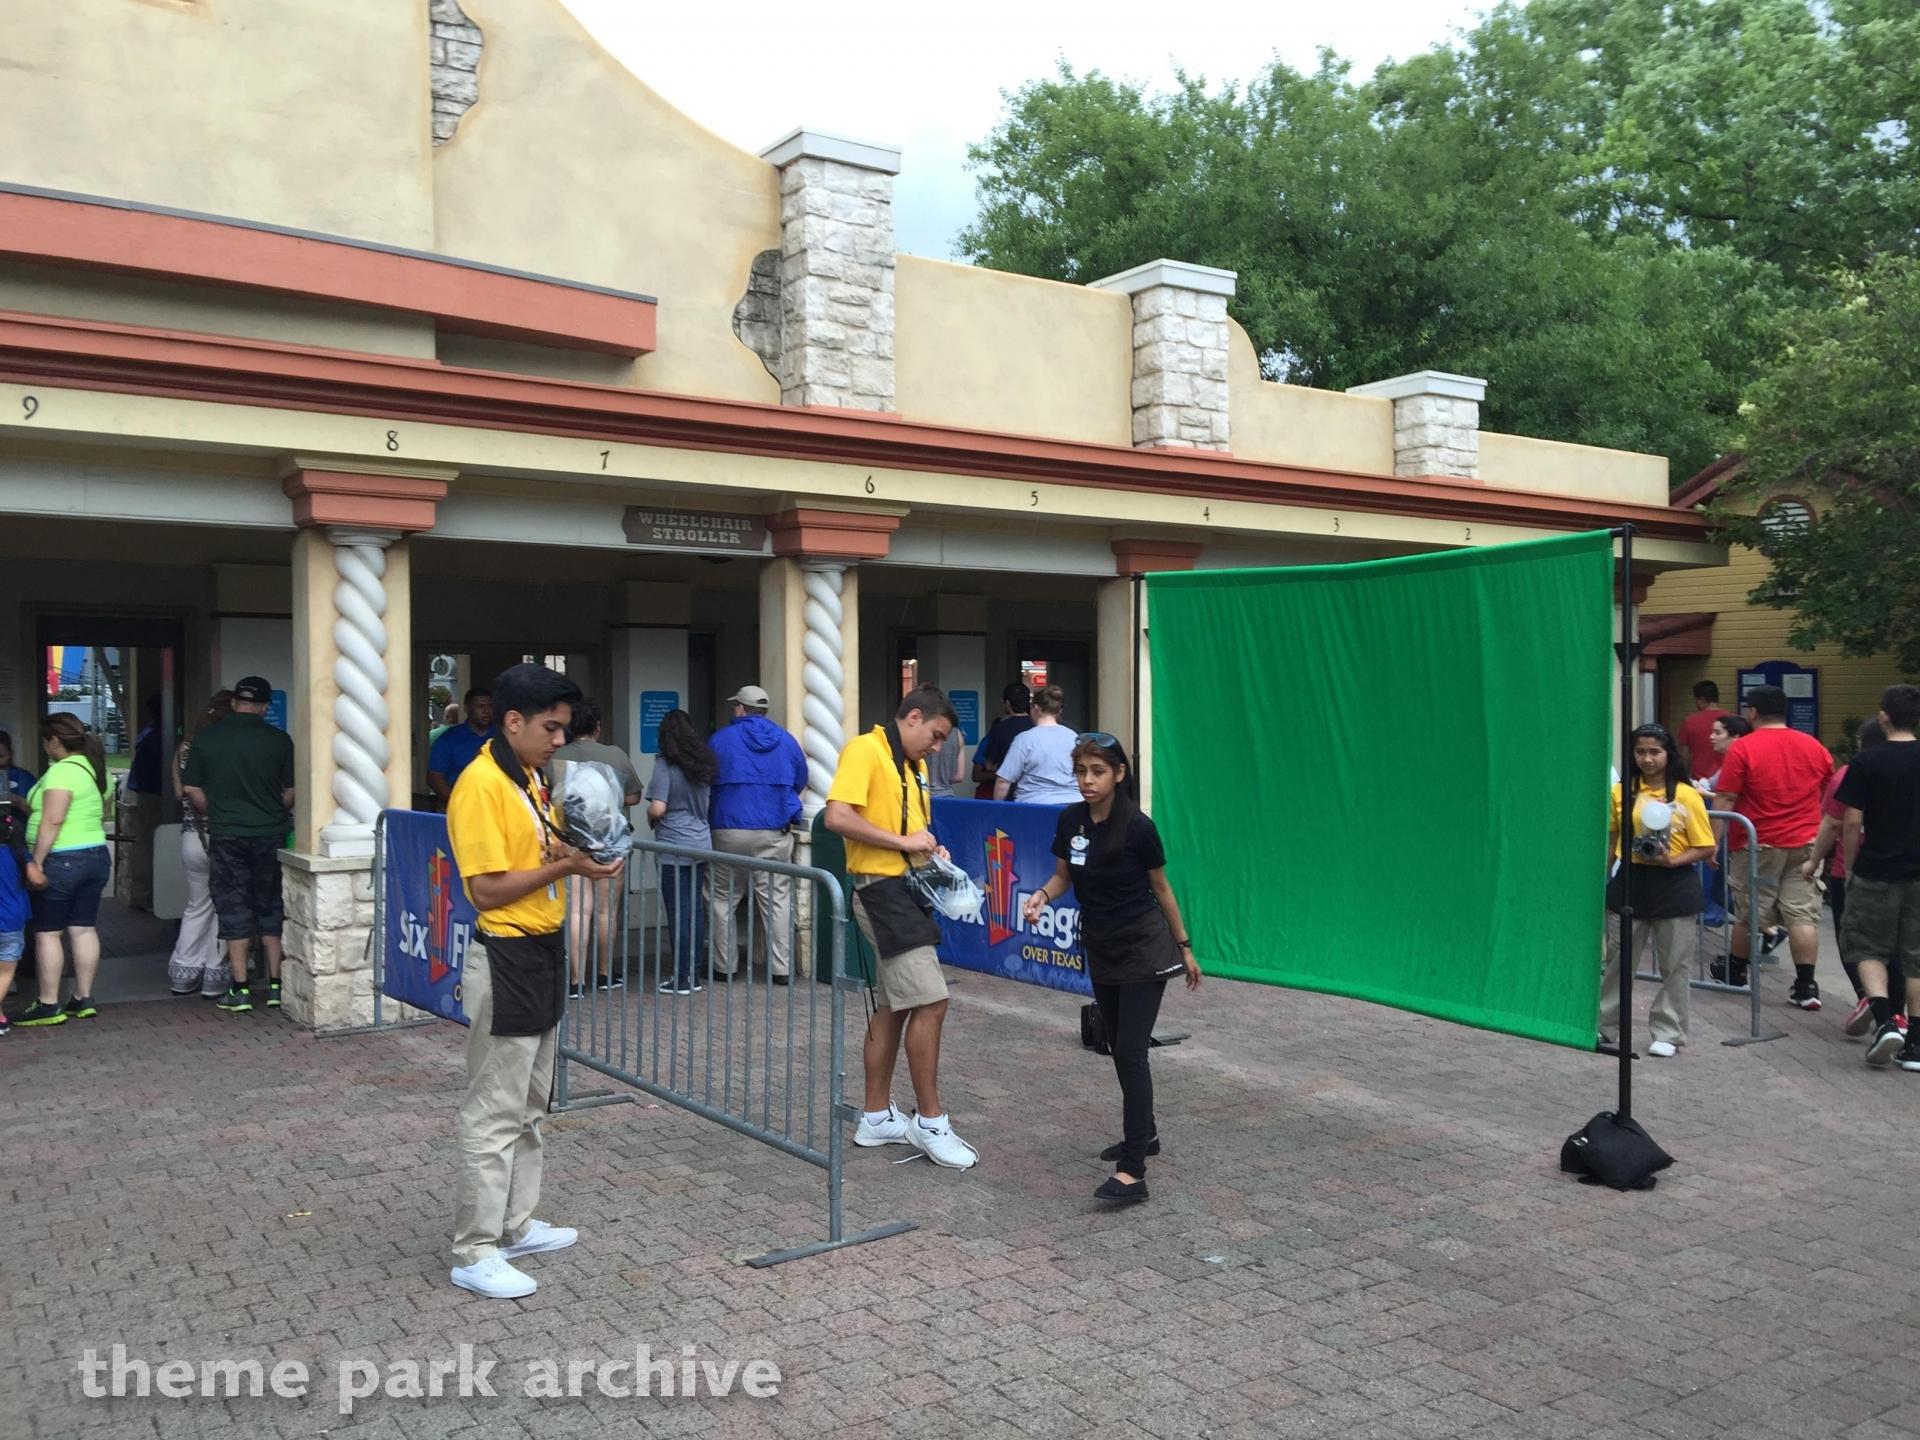 La Vibora at Six Flags Over Texas